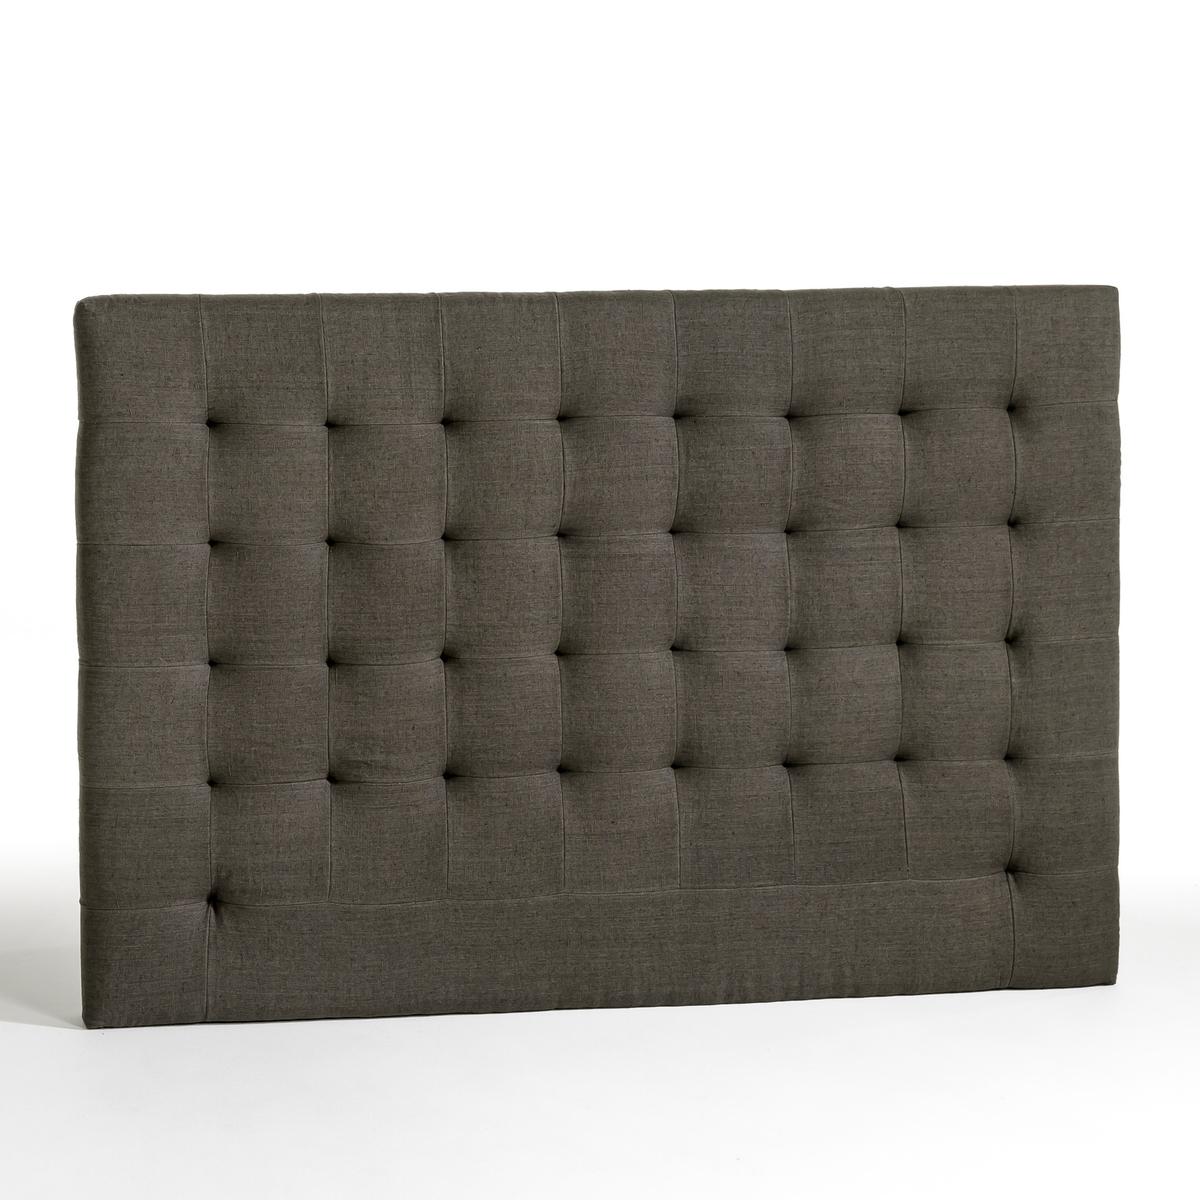 Изголовье La Redoute Кровати с обивкой из осветленного льна В см SELVE 140 см серый кровати 140 см